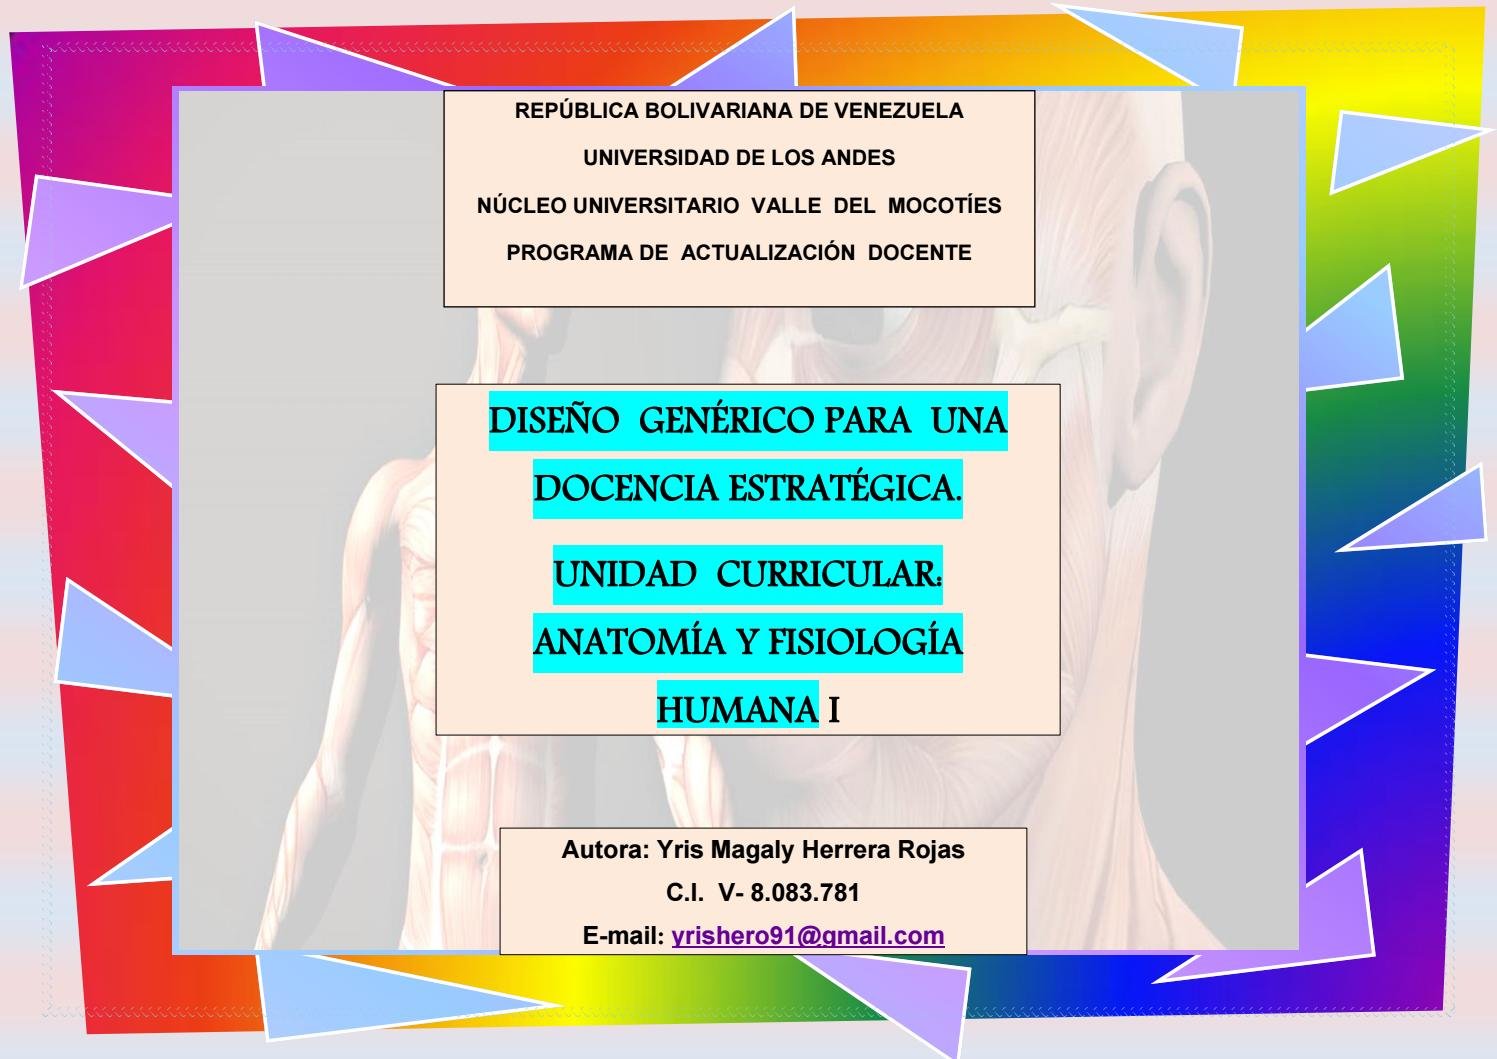 DISEÑO GENERICO DE ANATOMIA Y FISIOLOGÍA I by YRIS HERRERA - issuu